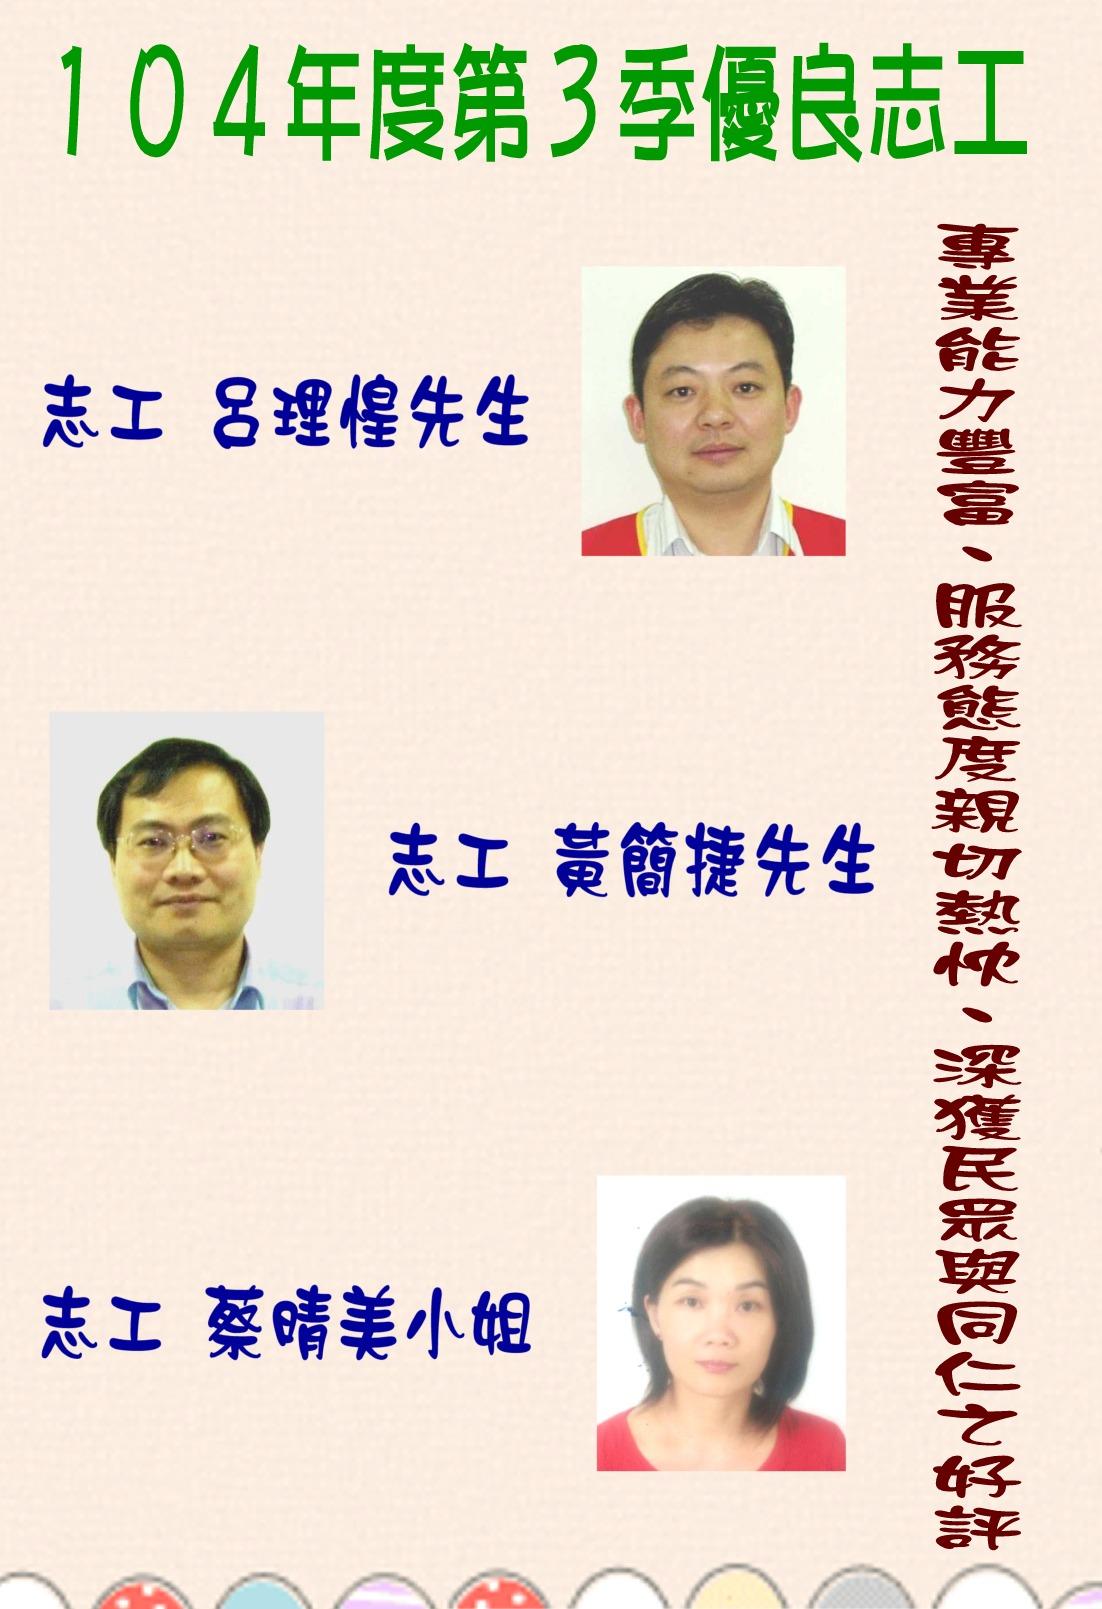 104年第3季志工績優人員─呂理惶先生、黃簡捷先生、蔡晴美小姐